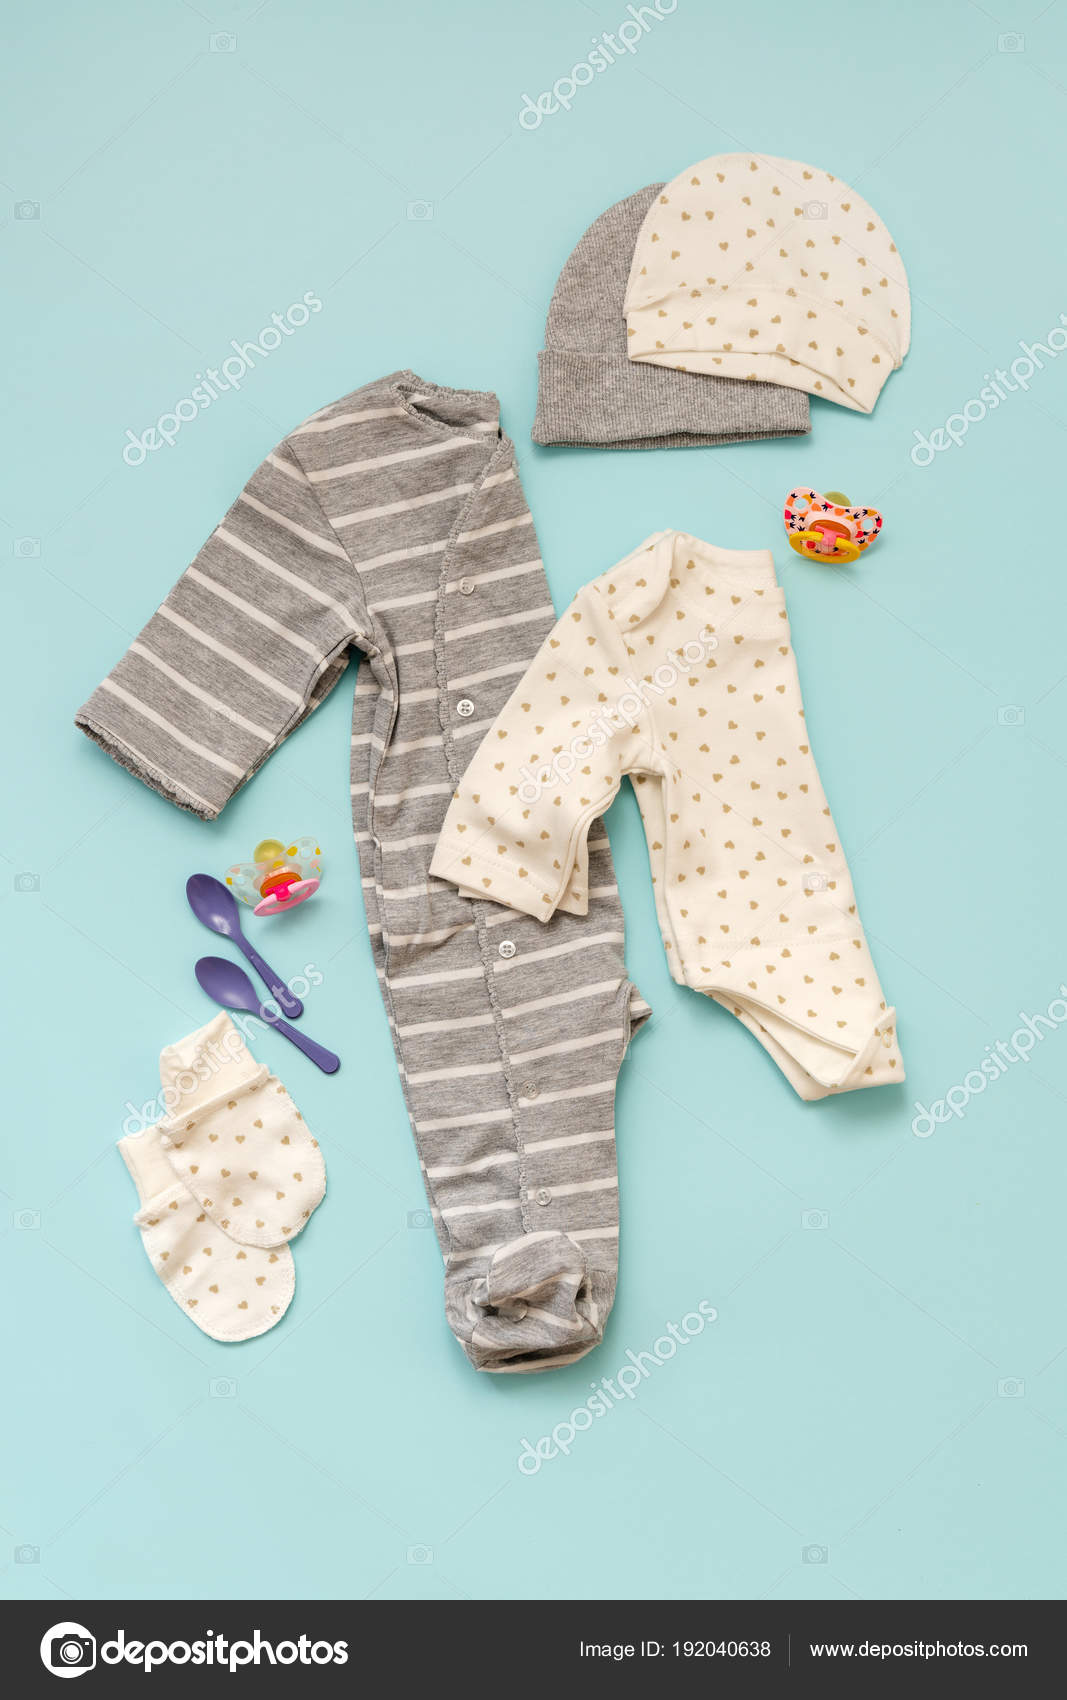 d66c2979f53 Sada oblečení pro děti pro novorozené chlapce nebo dívku na modrém pozadí.  Kolekce jaro léto — Fotografie od ...